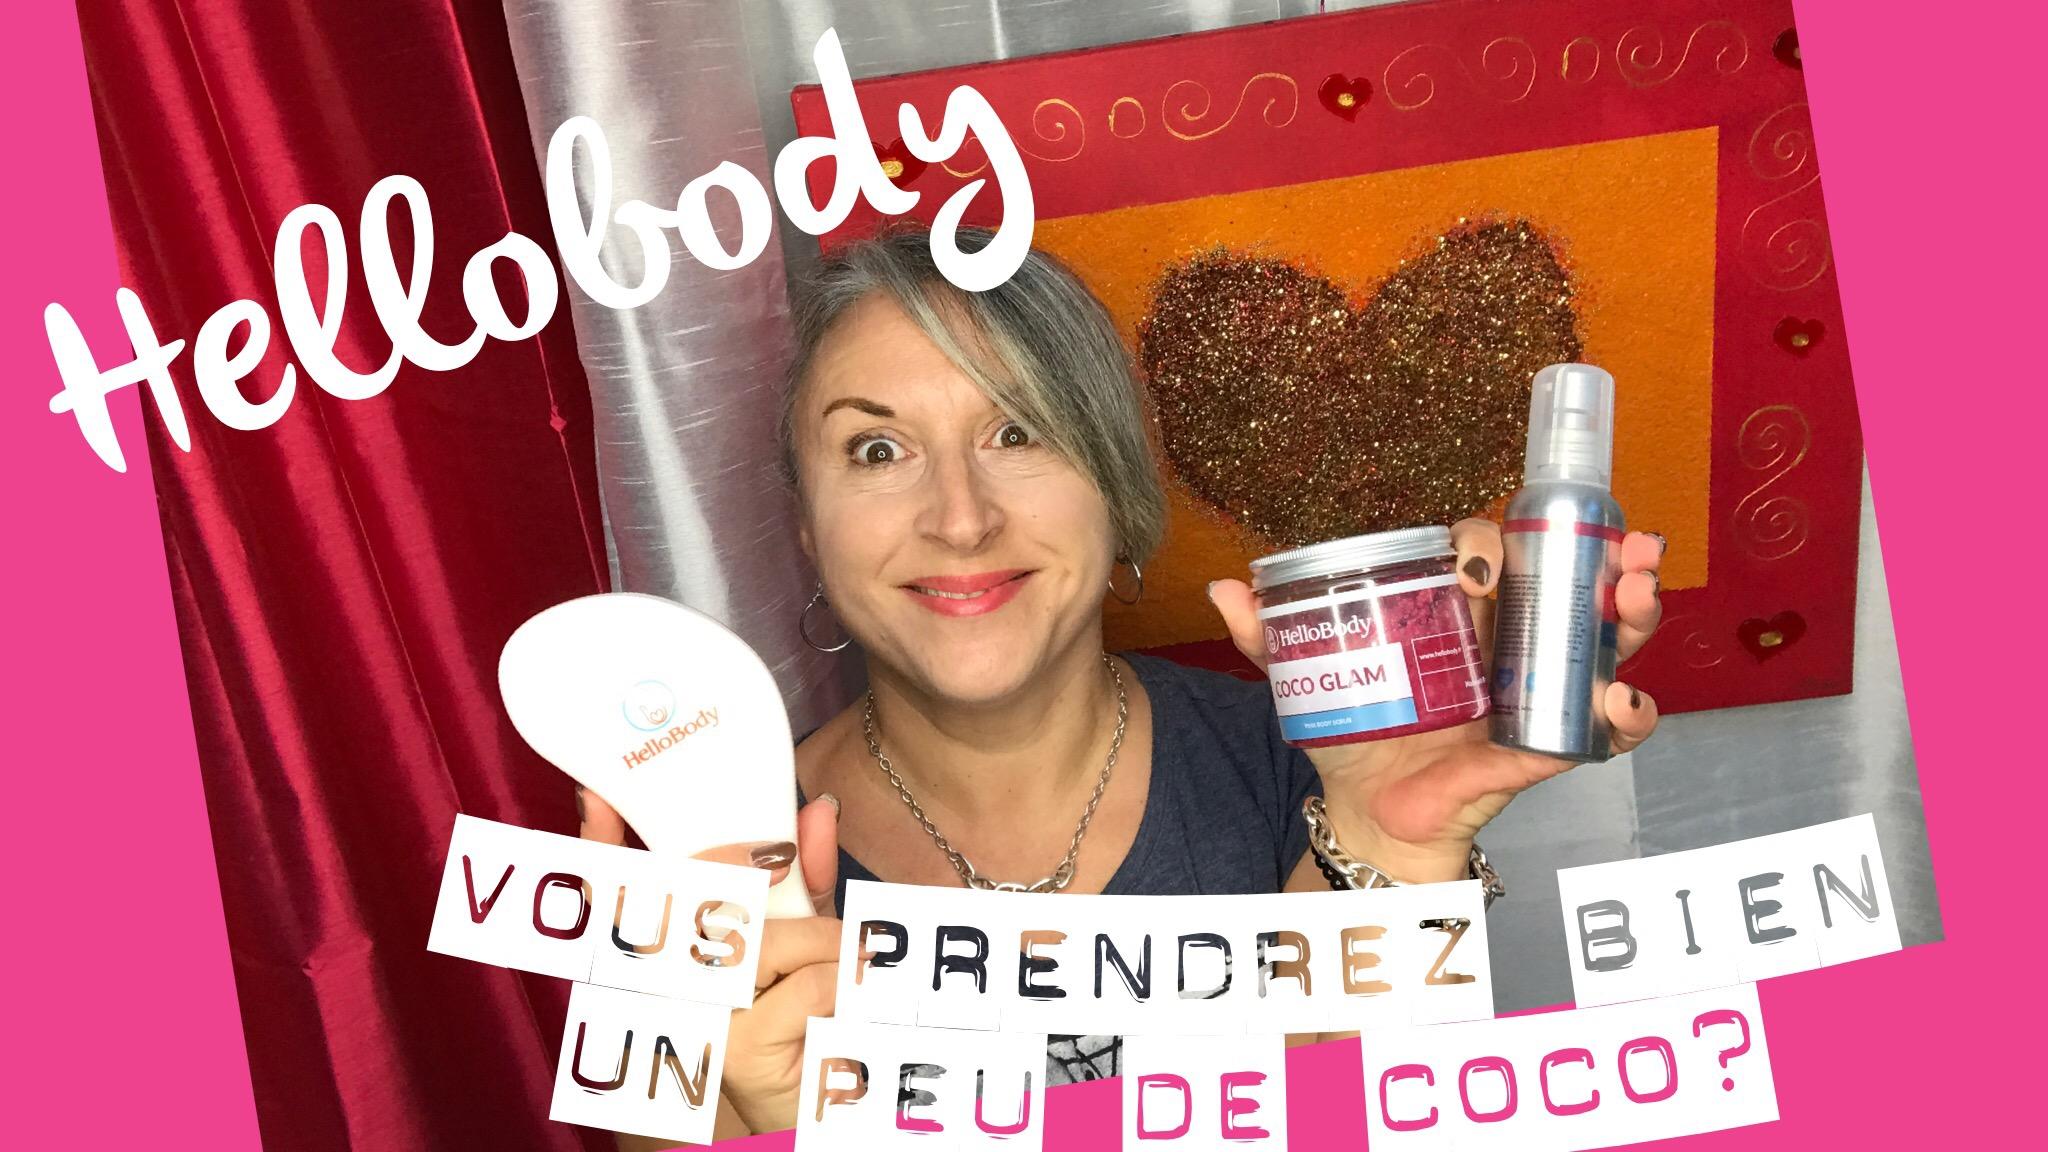 TheMouse sur YouTube: Hellobody… Vous prendrez bien un peu de coco???